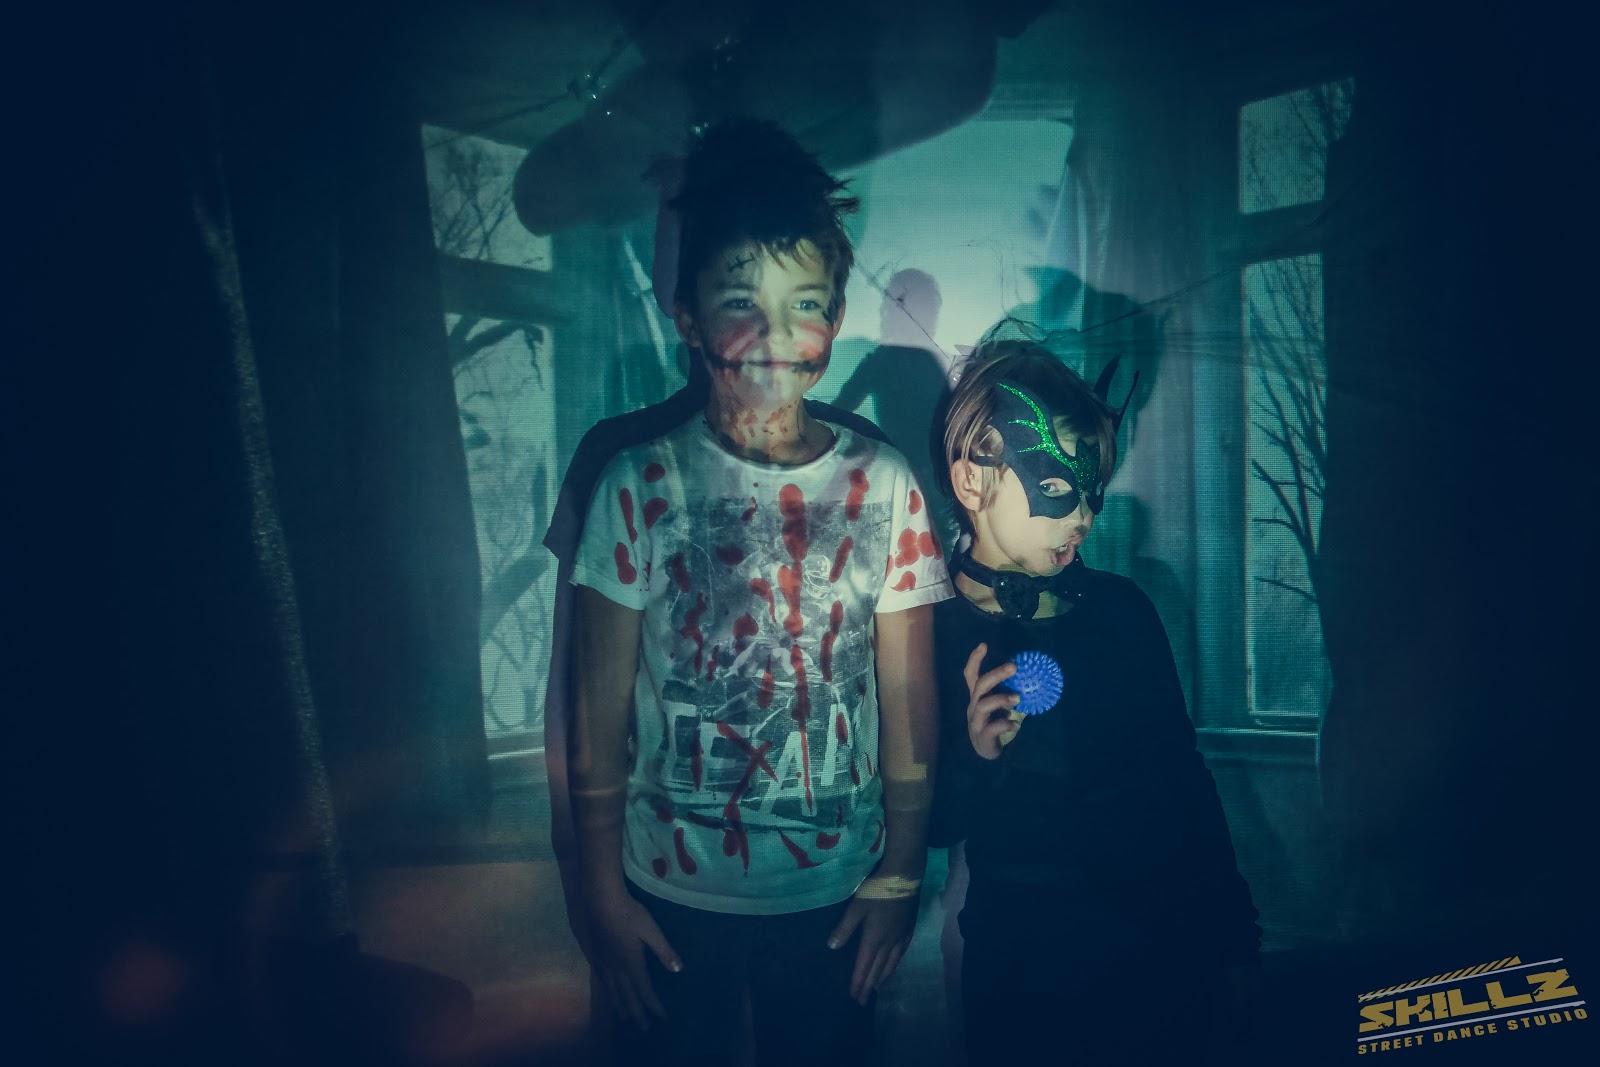 Naujikų krikštynos @SKILLZ (Halloween tema) - PANA1479.jpg